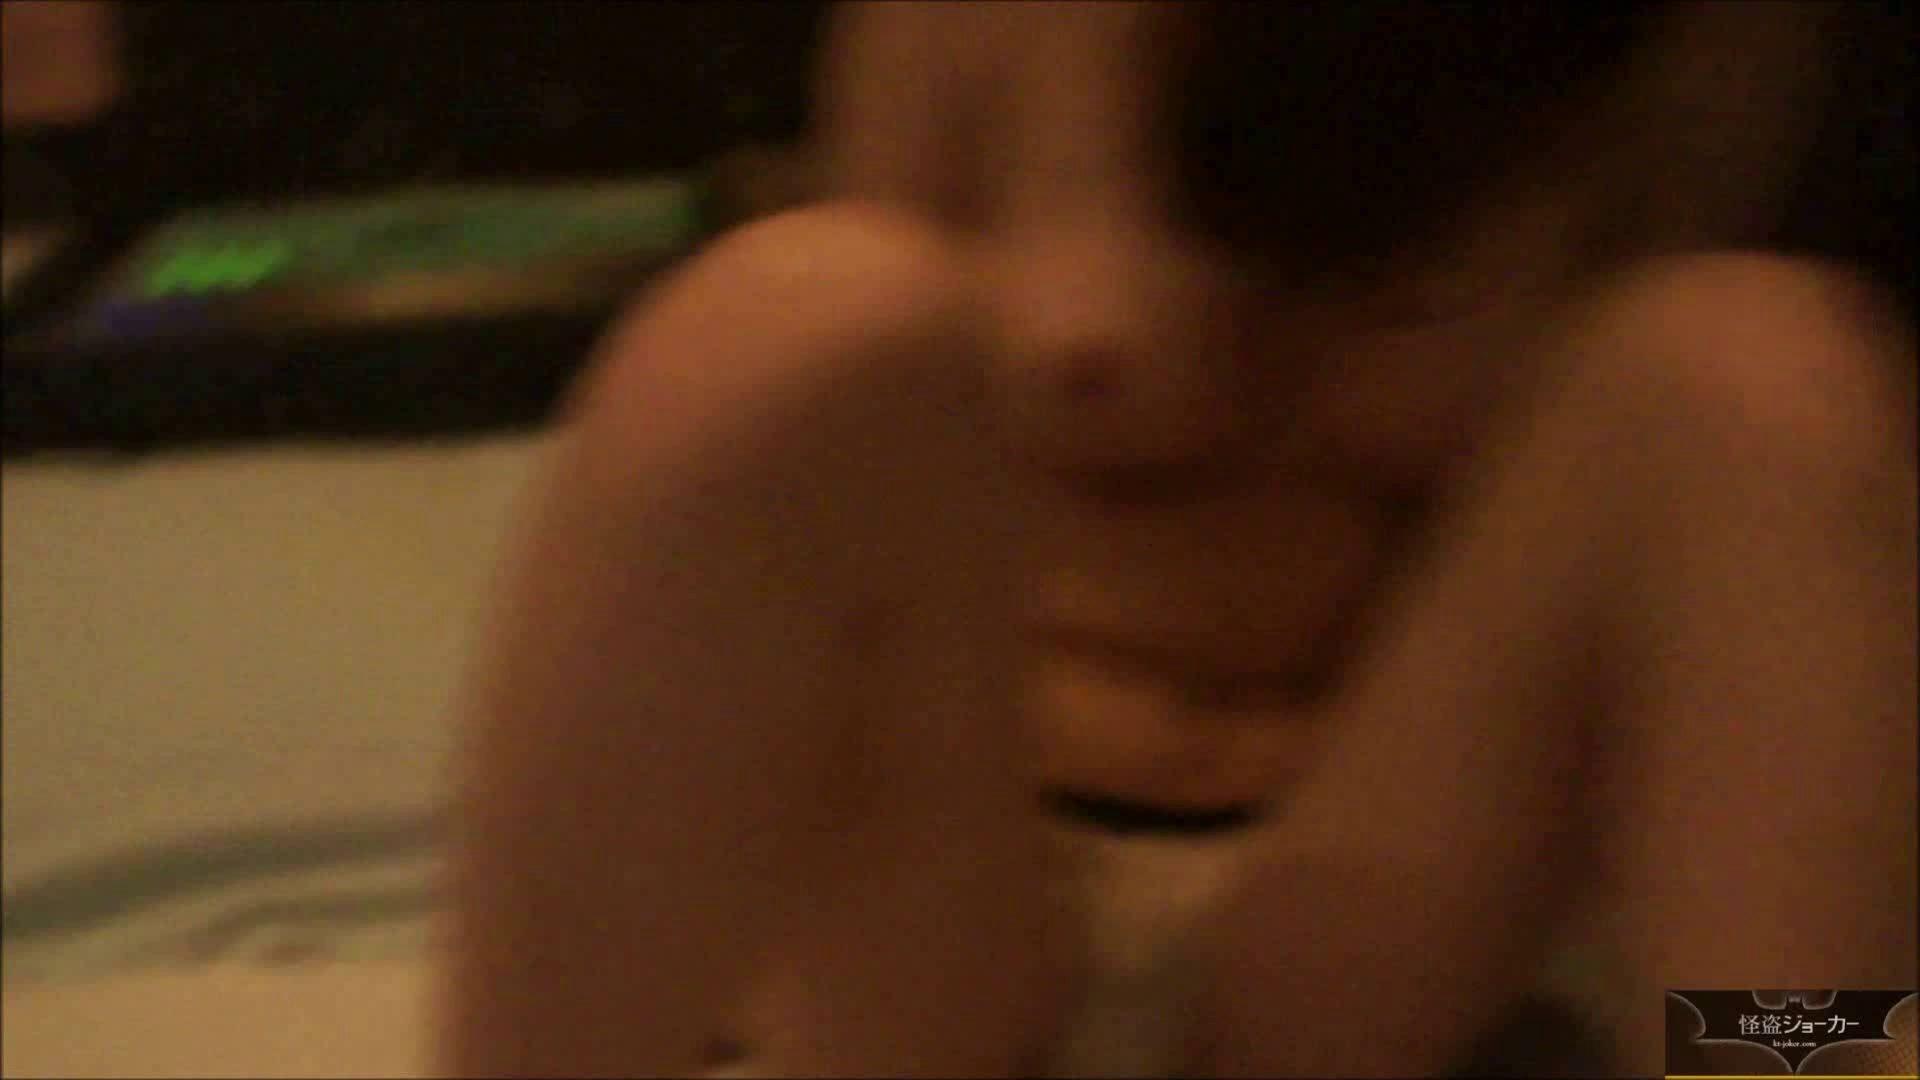 【未公開】vol.33 【援助】朋葉ちゃん、潮吹き、乱れ・・・ 喘ぎオンナ   ホテルでエッチ  90pic 33